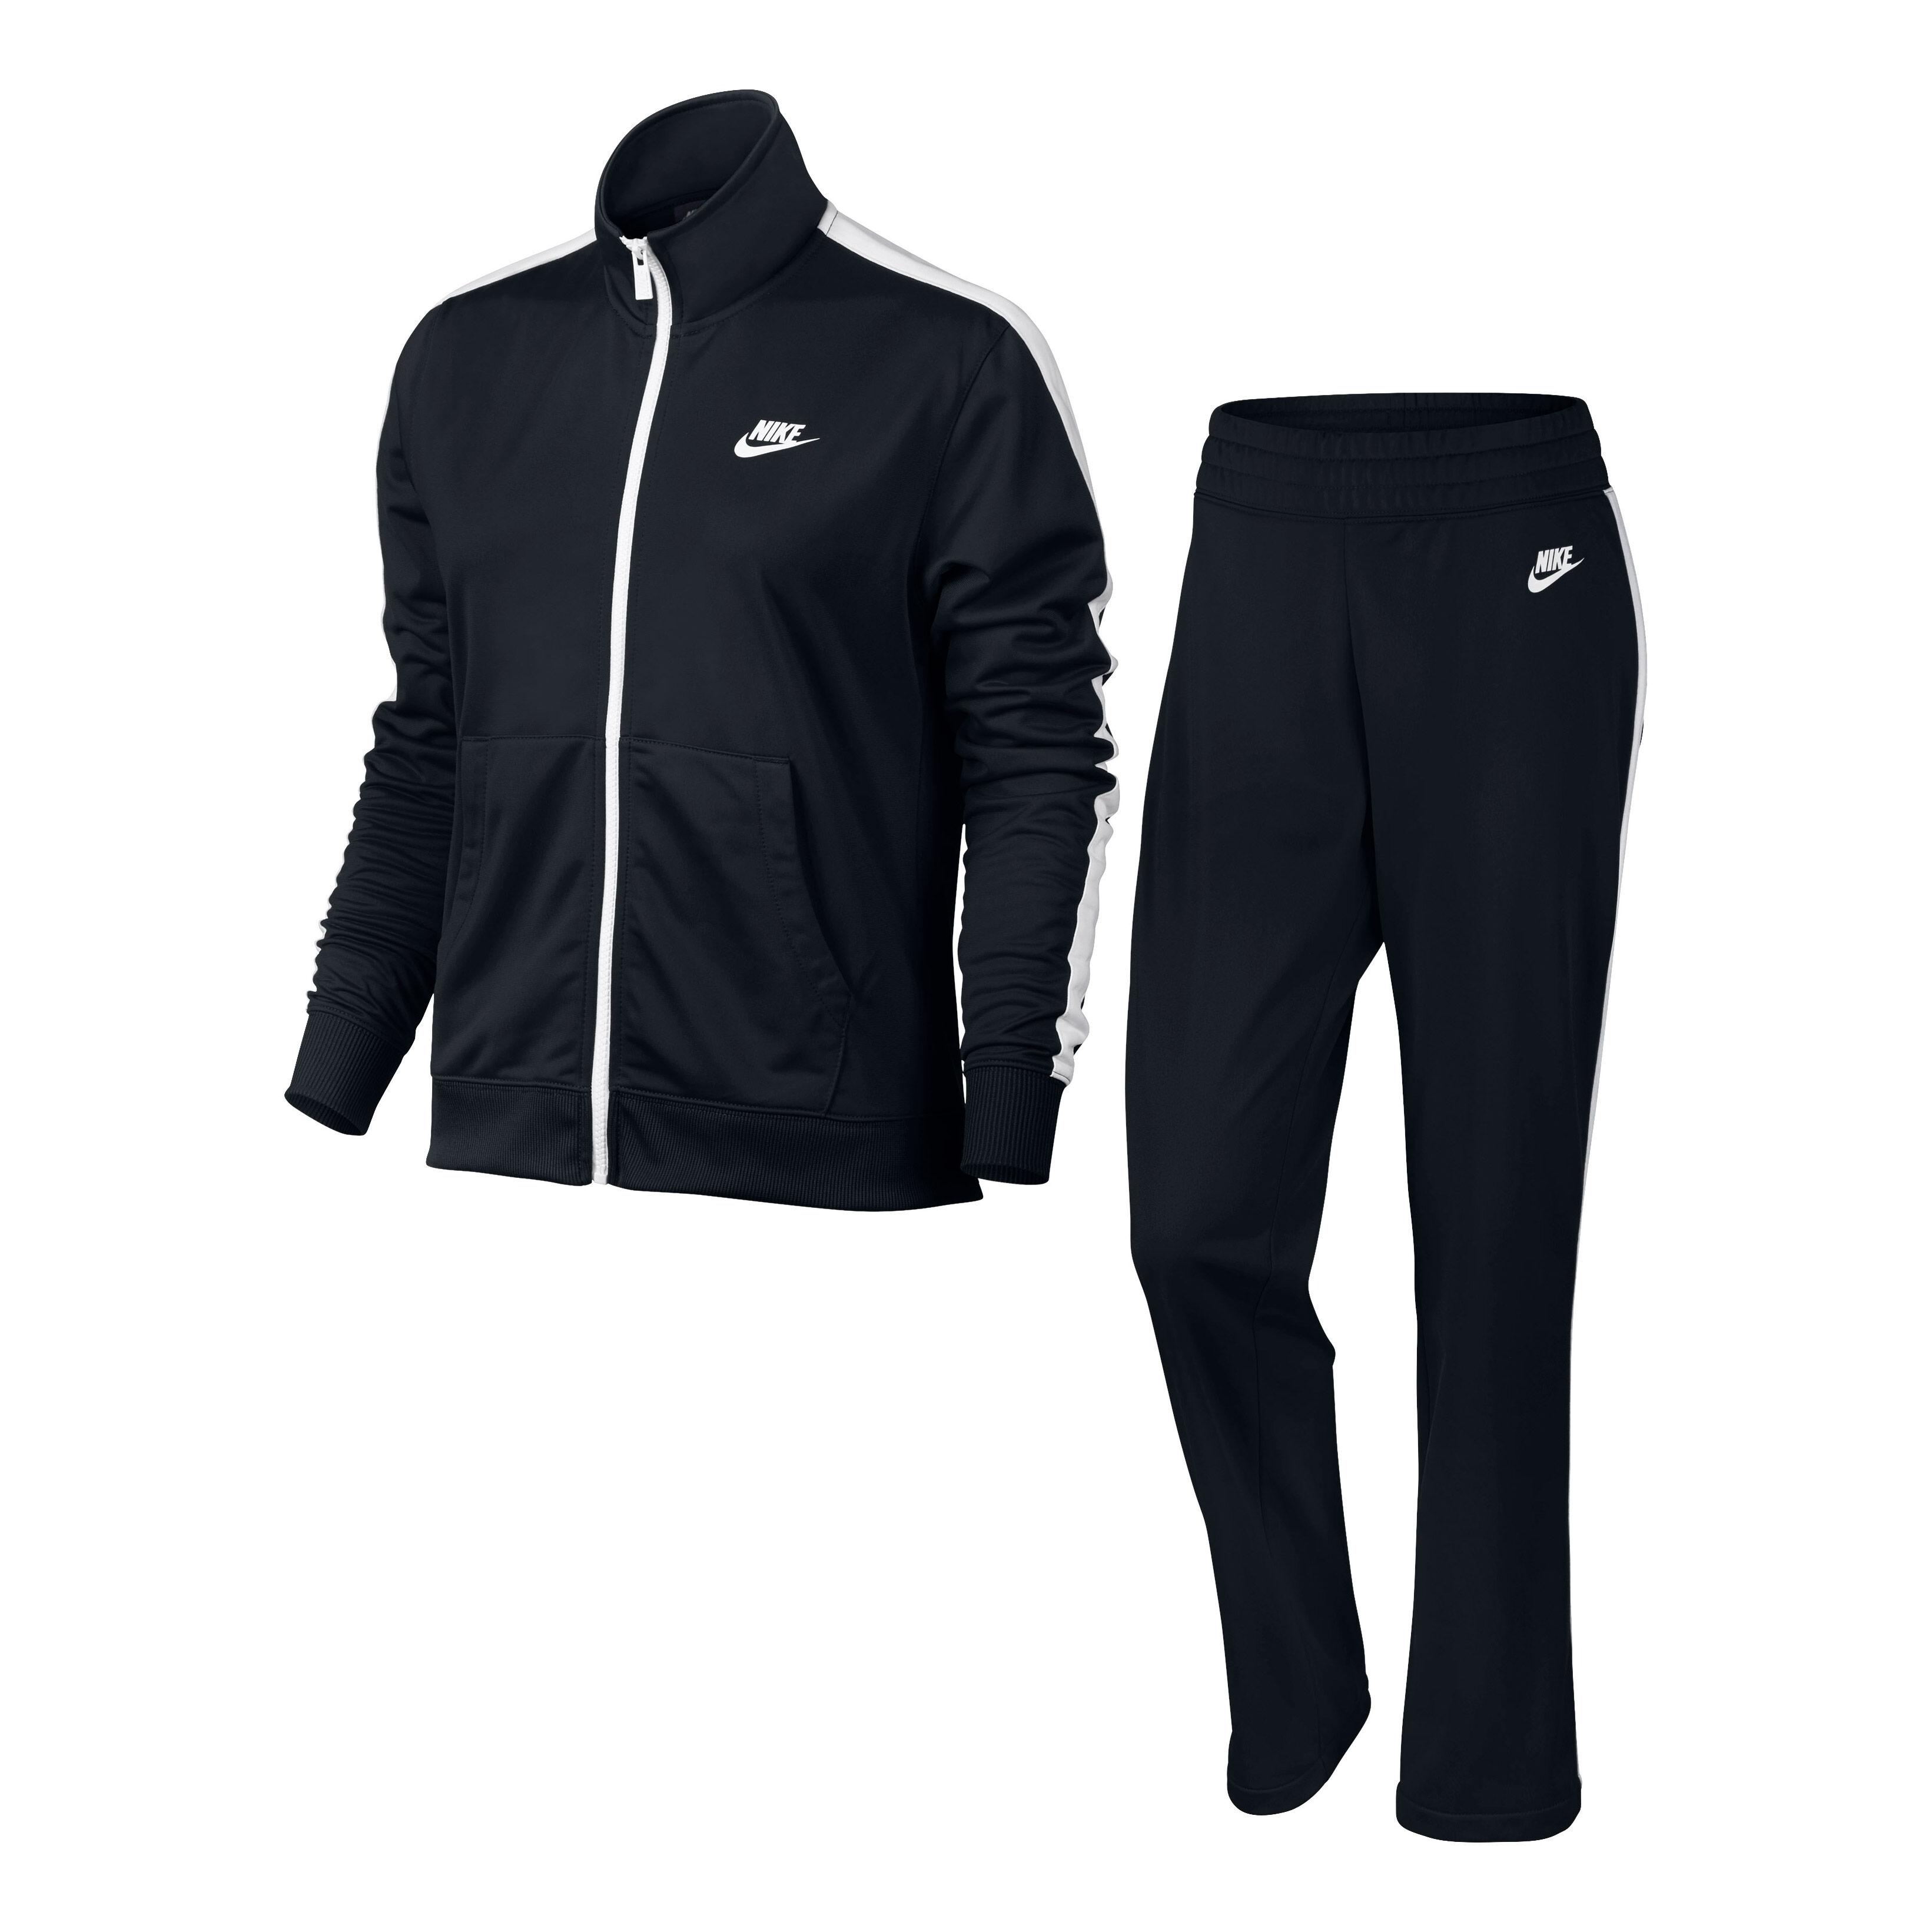 Nike Sportswear Trainingsanzug Damen Schwarz, Weiß online